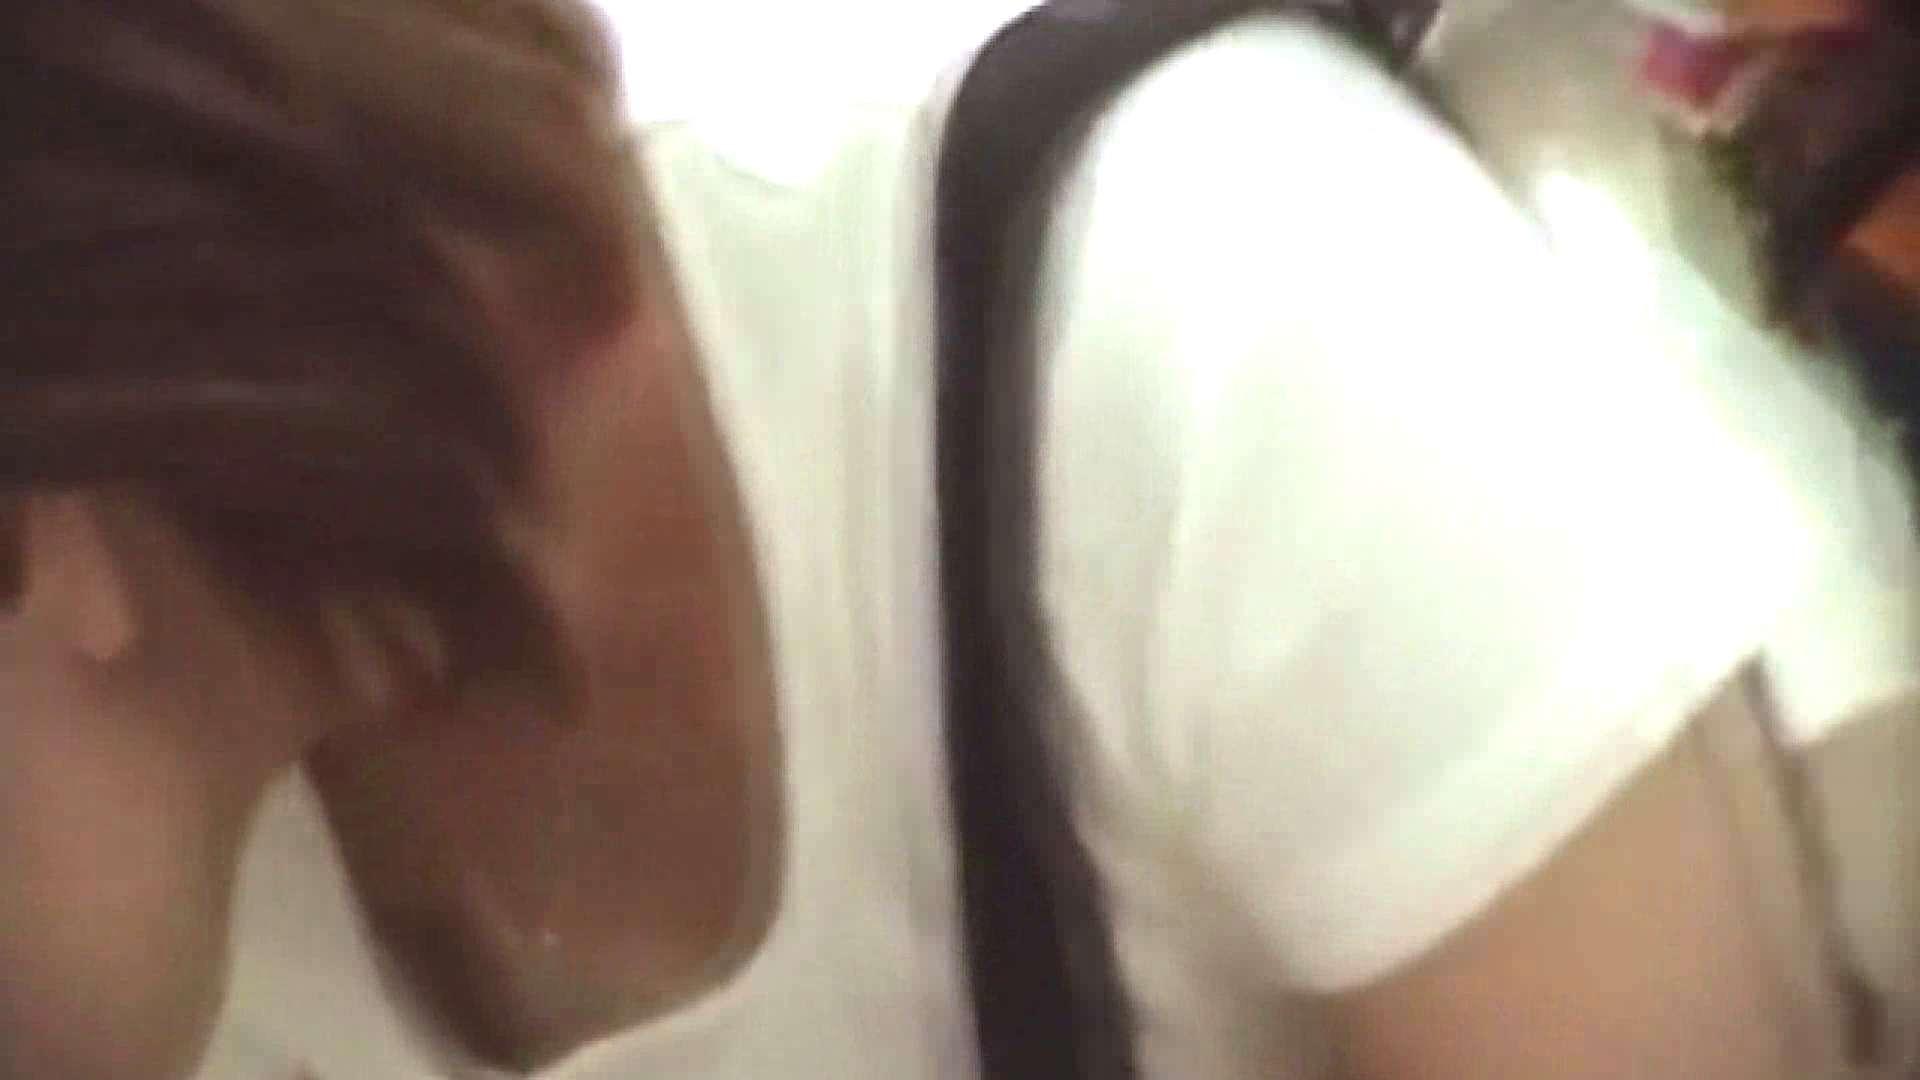 真剣に買い物中のgal達を上から下から狙います。vol.05 エッチなOL ワレメ動画紹介 48pic 38